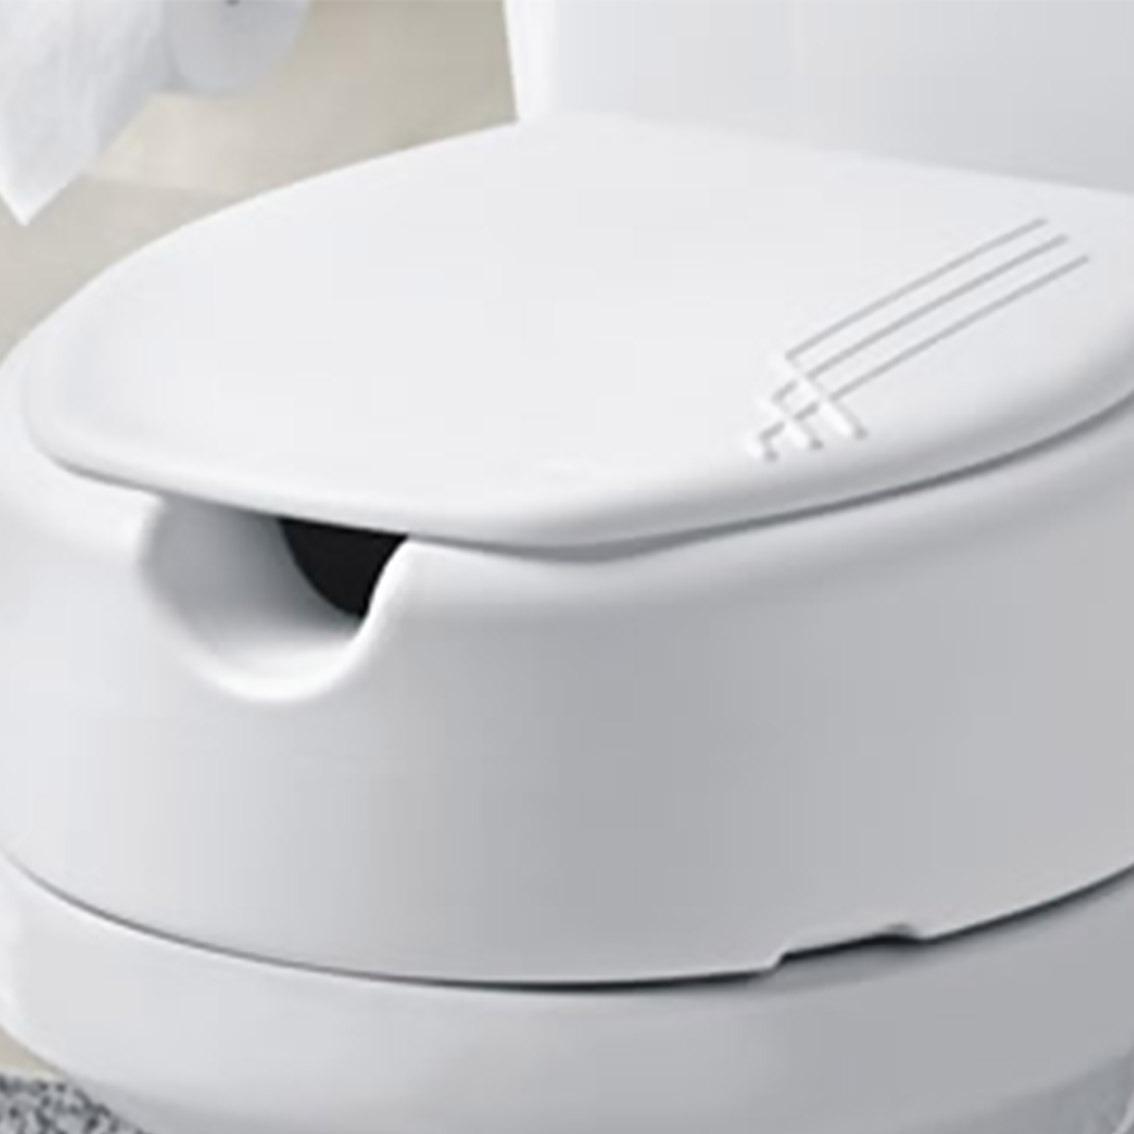 Assento Sanitário Elevado E Tampa Para Idosos E Deficientes R$ 89  #70695B 1134x1134 Assento De Banheiro Para Deficiente